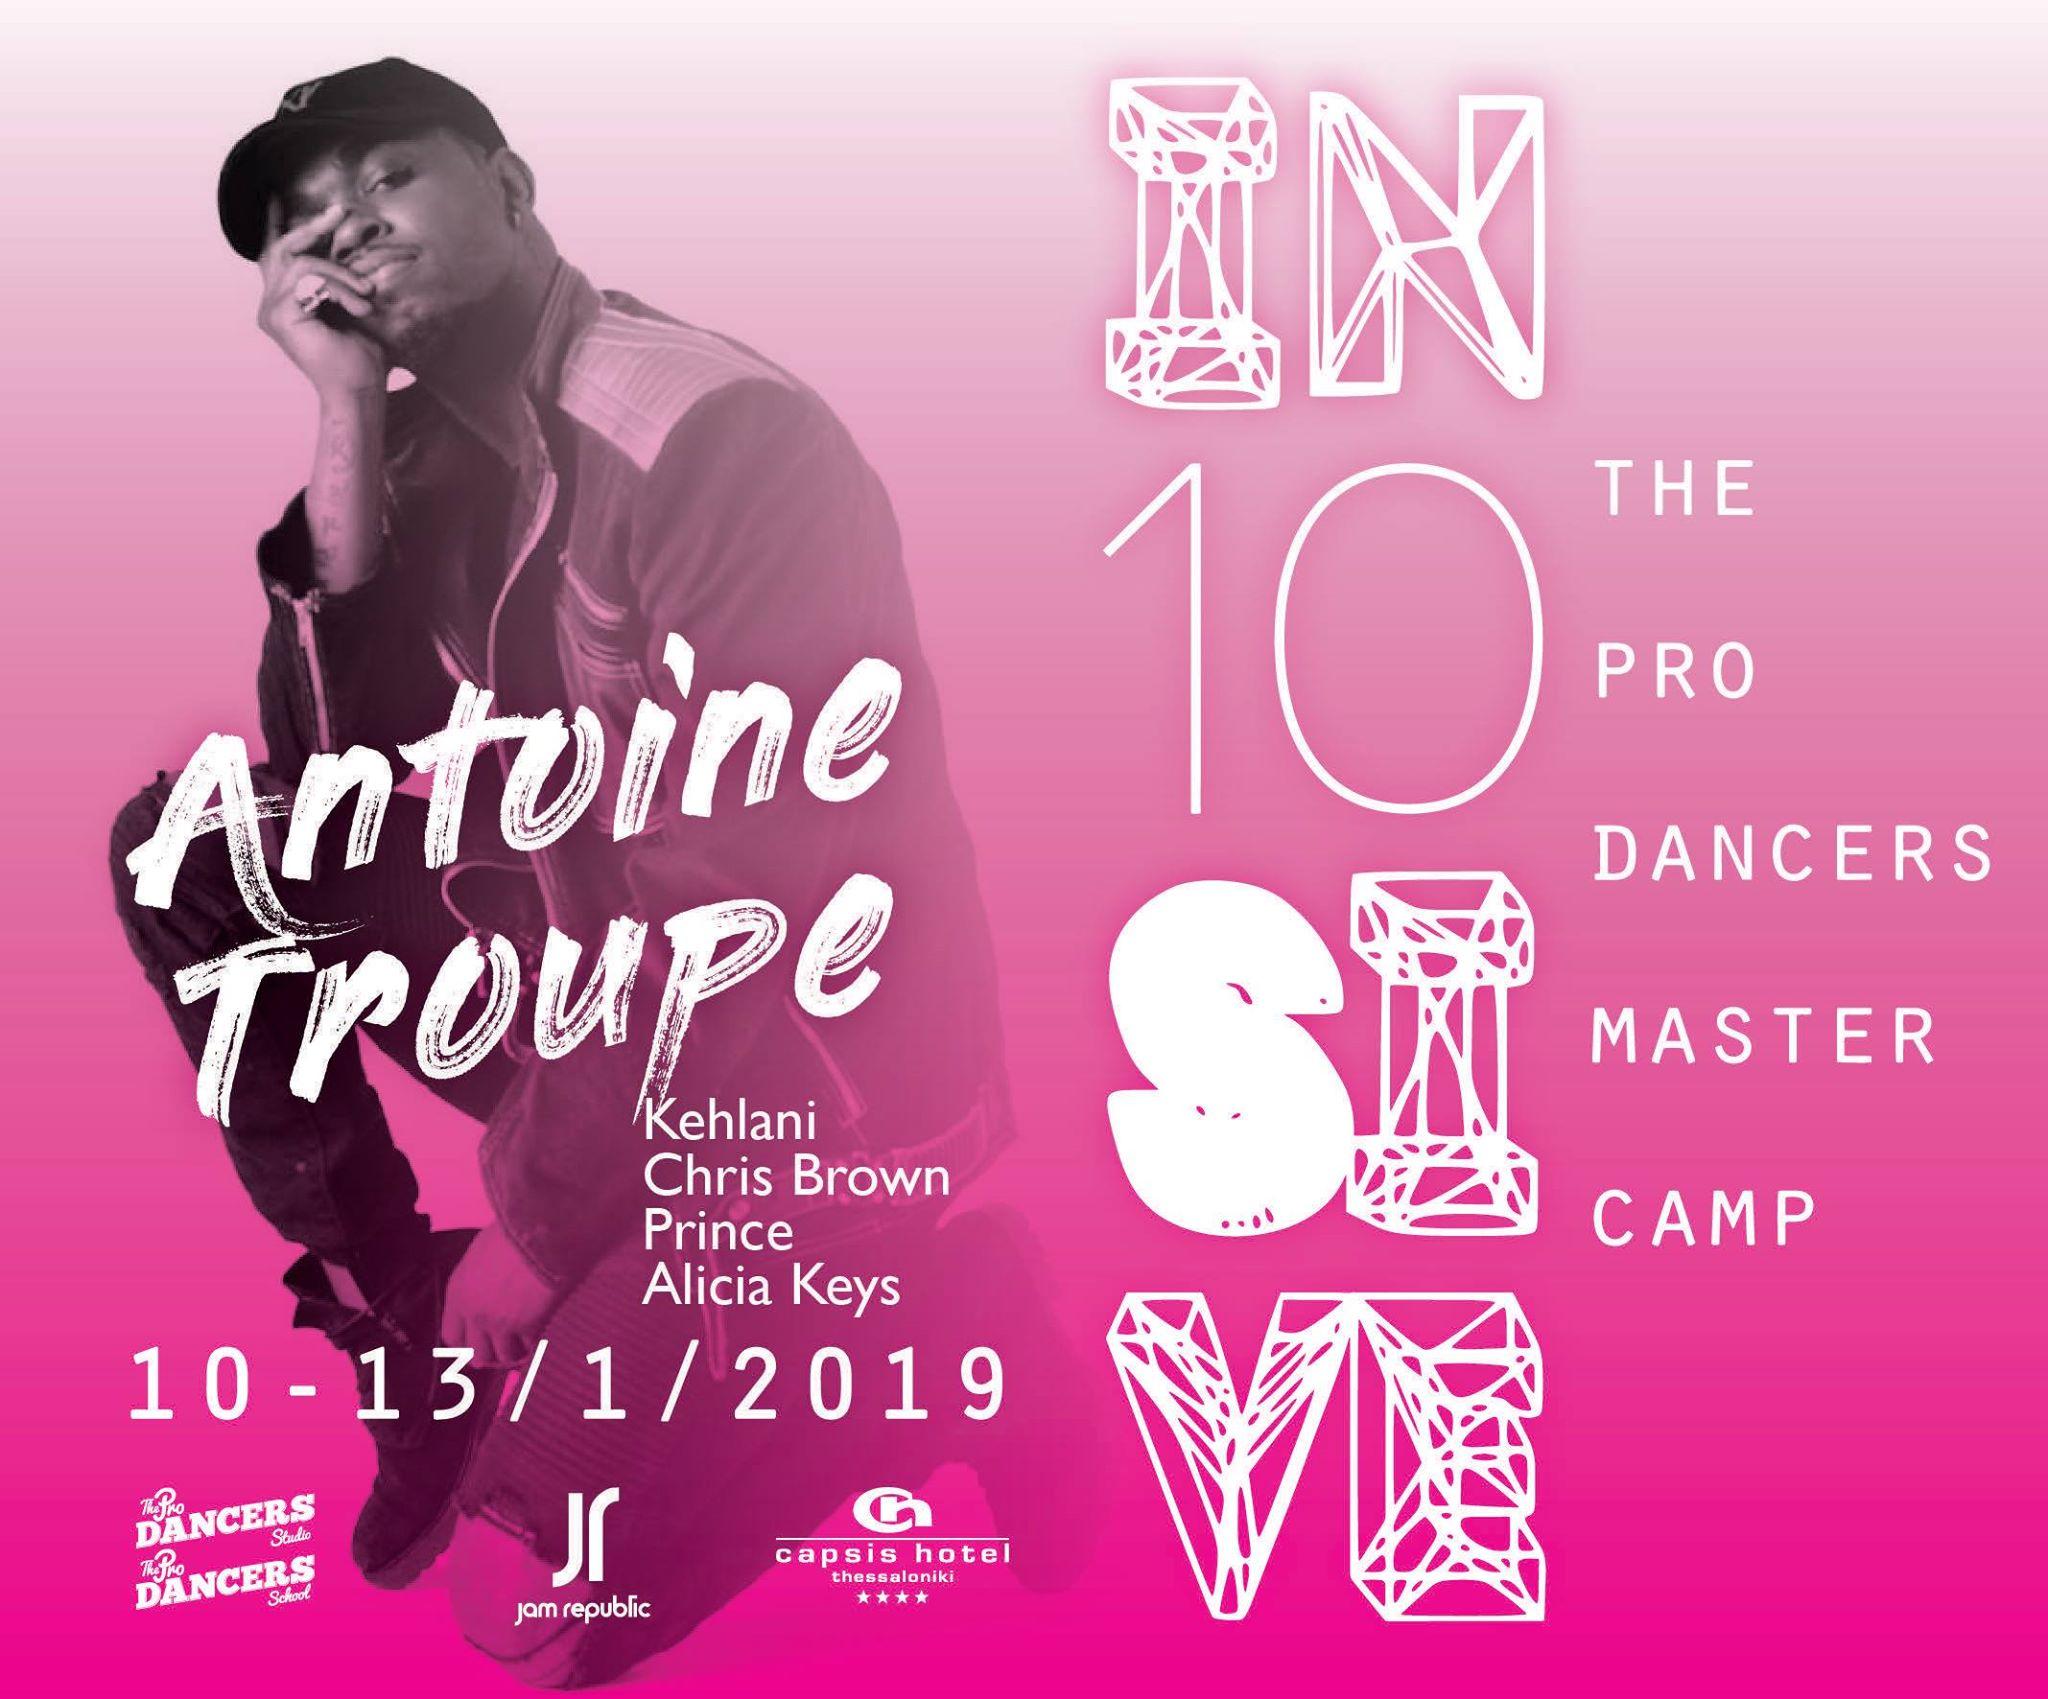 Antoine Troupe